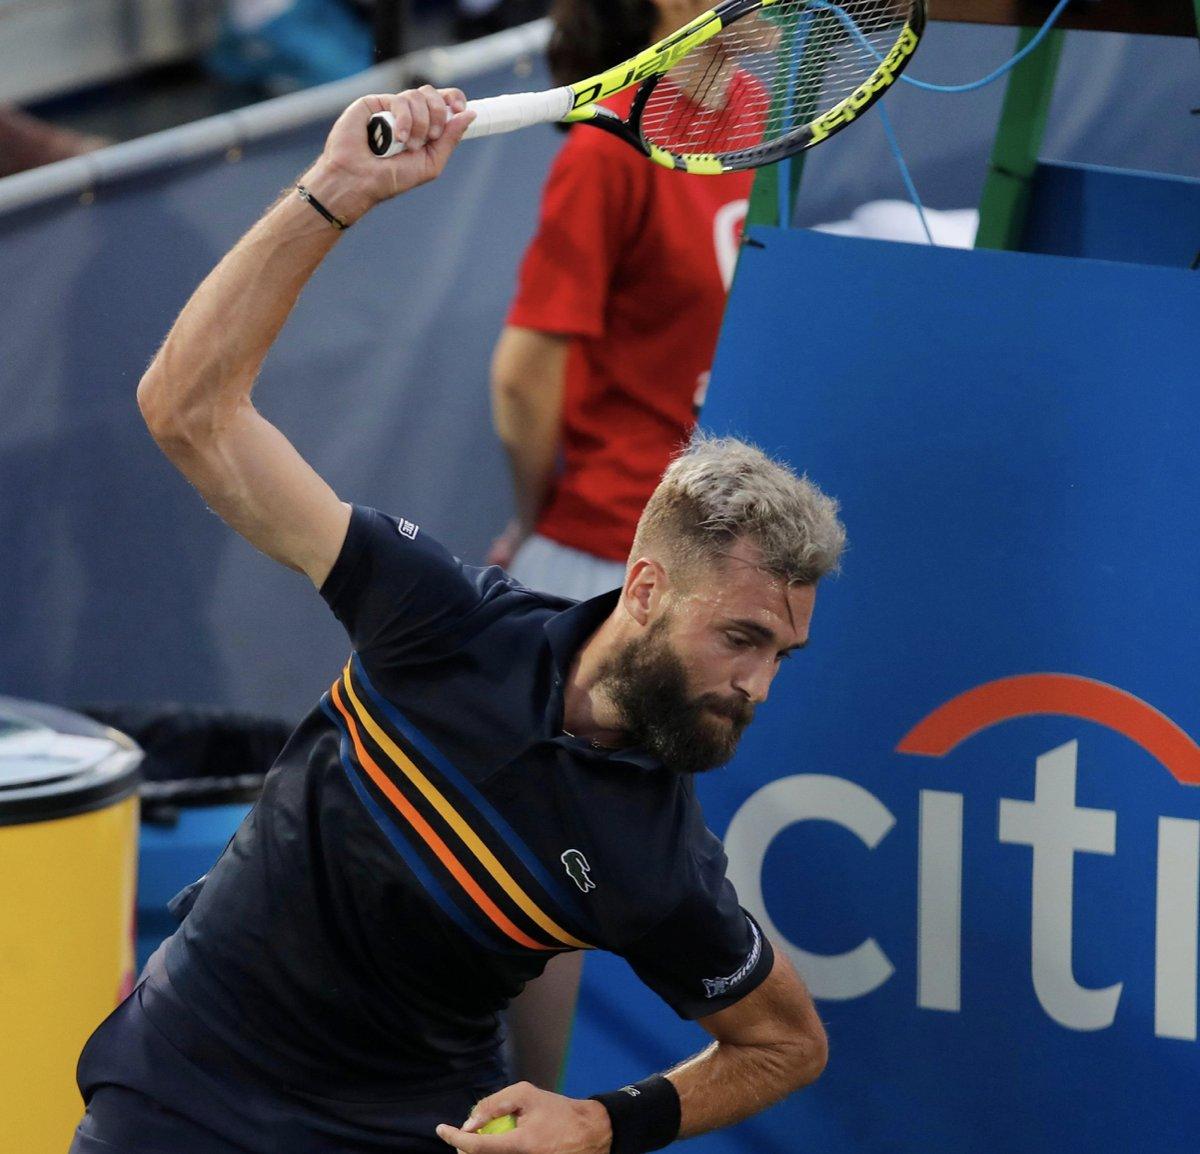 Casper Ruud sin motstander i dag, Benoit Paire🇫🇷har hatt to nye positive Covid-tester i Hamburg. Han fikk spille pga en negativ test i går kveld, men vil nå avslutte hele spetakkelet og reise hjem for å avslutte sesongen.  #ESNTennis @tennispodcasten https://t.co/G50izEvlZU